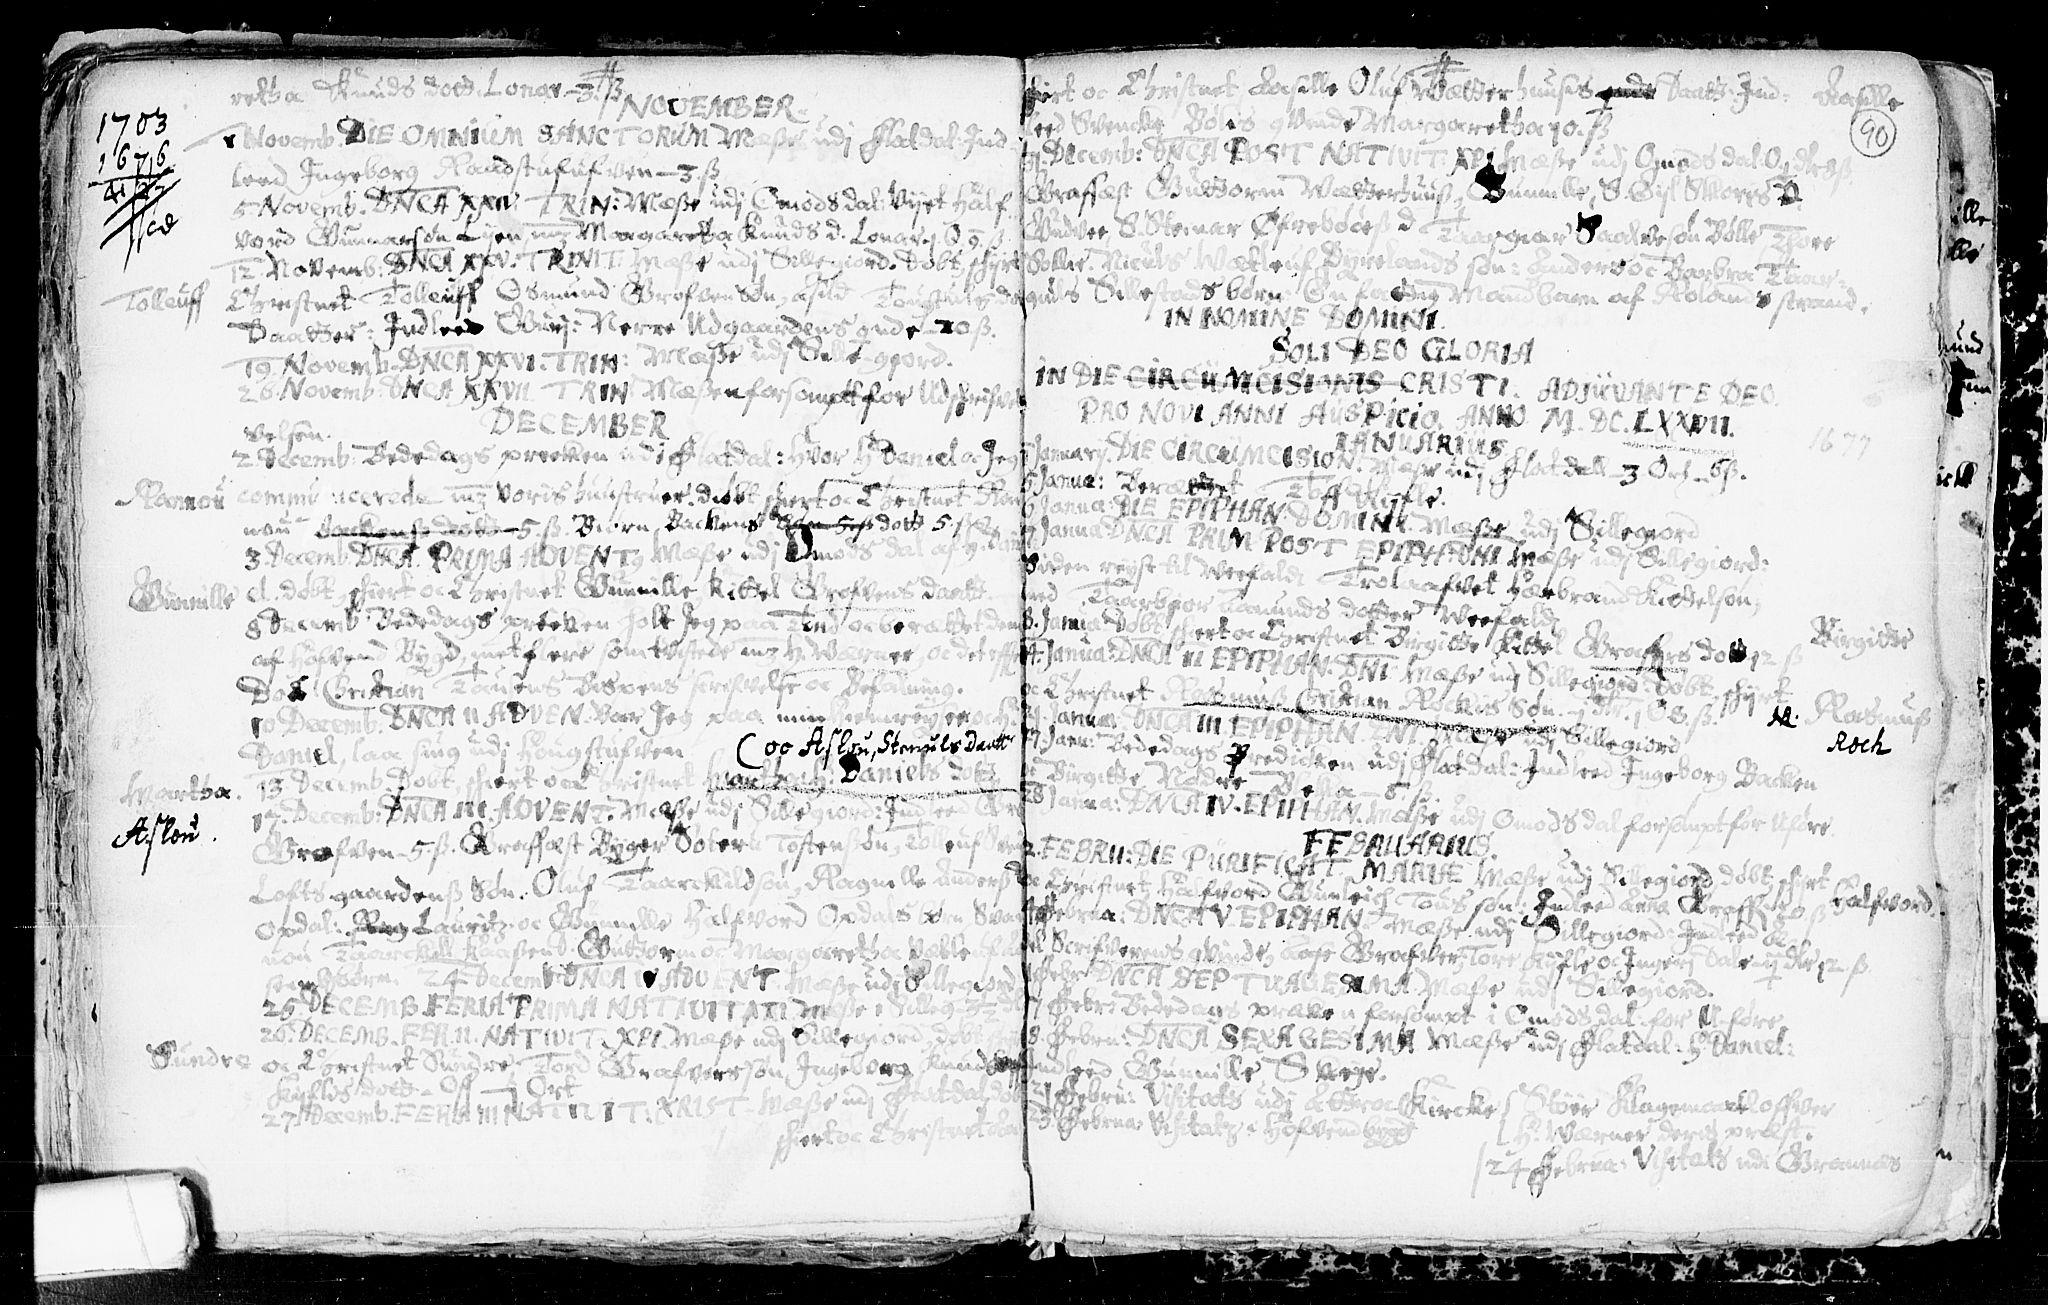 SAKO, Seljord kirkebøker, F/Fa/L0001: Ministerialbok nr. I 1, 1654-1686, s. 90